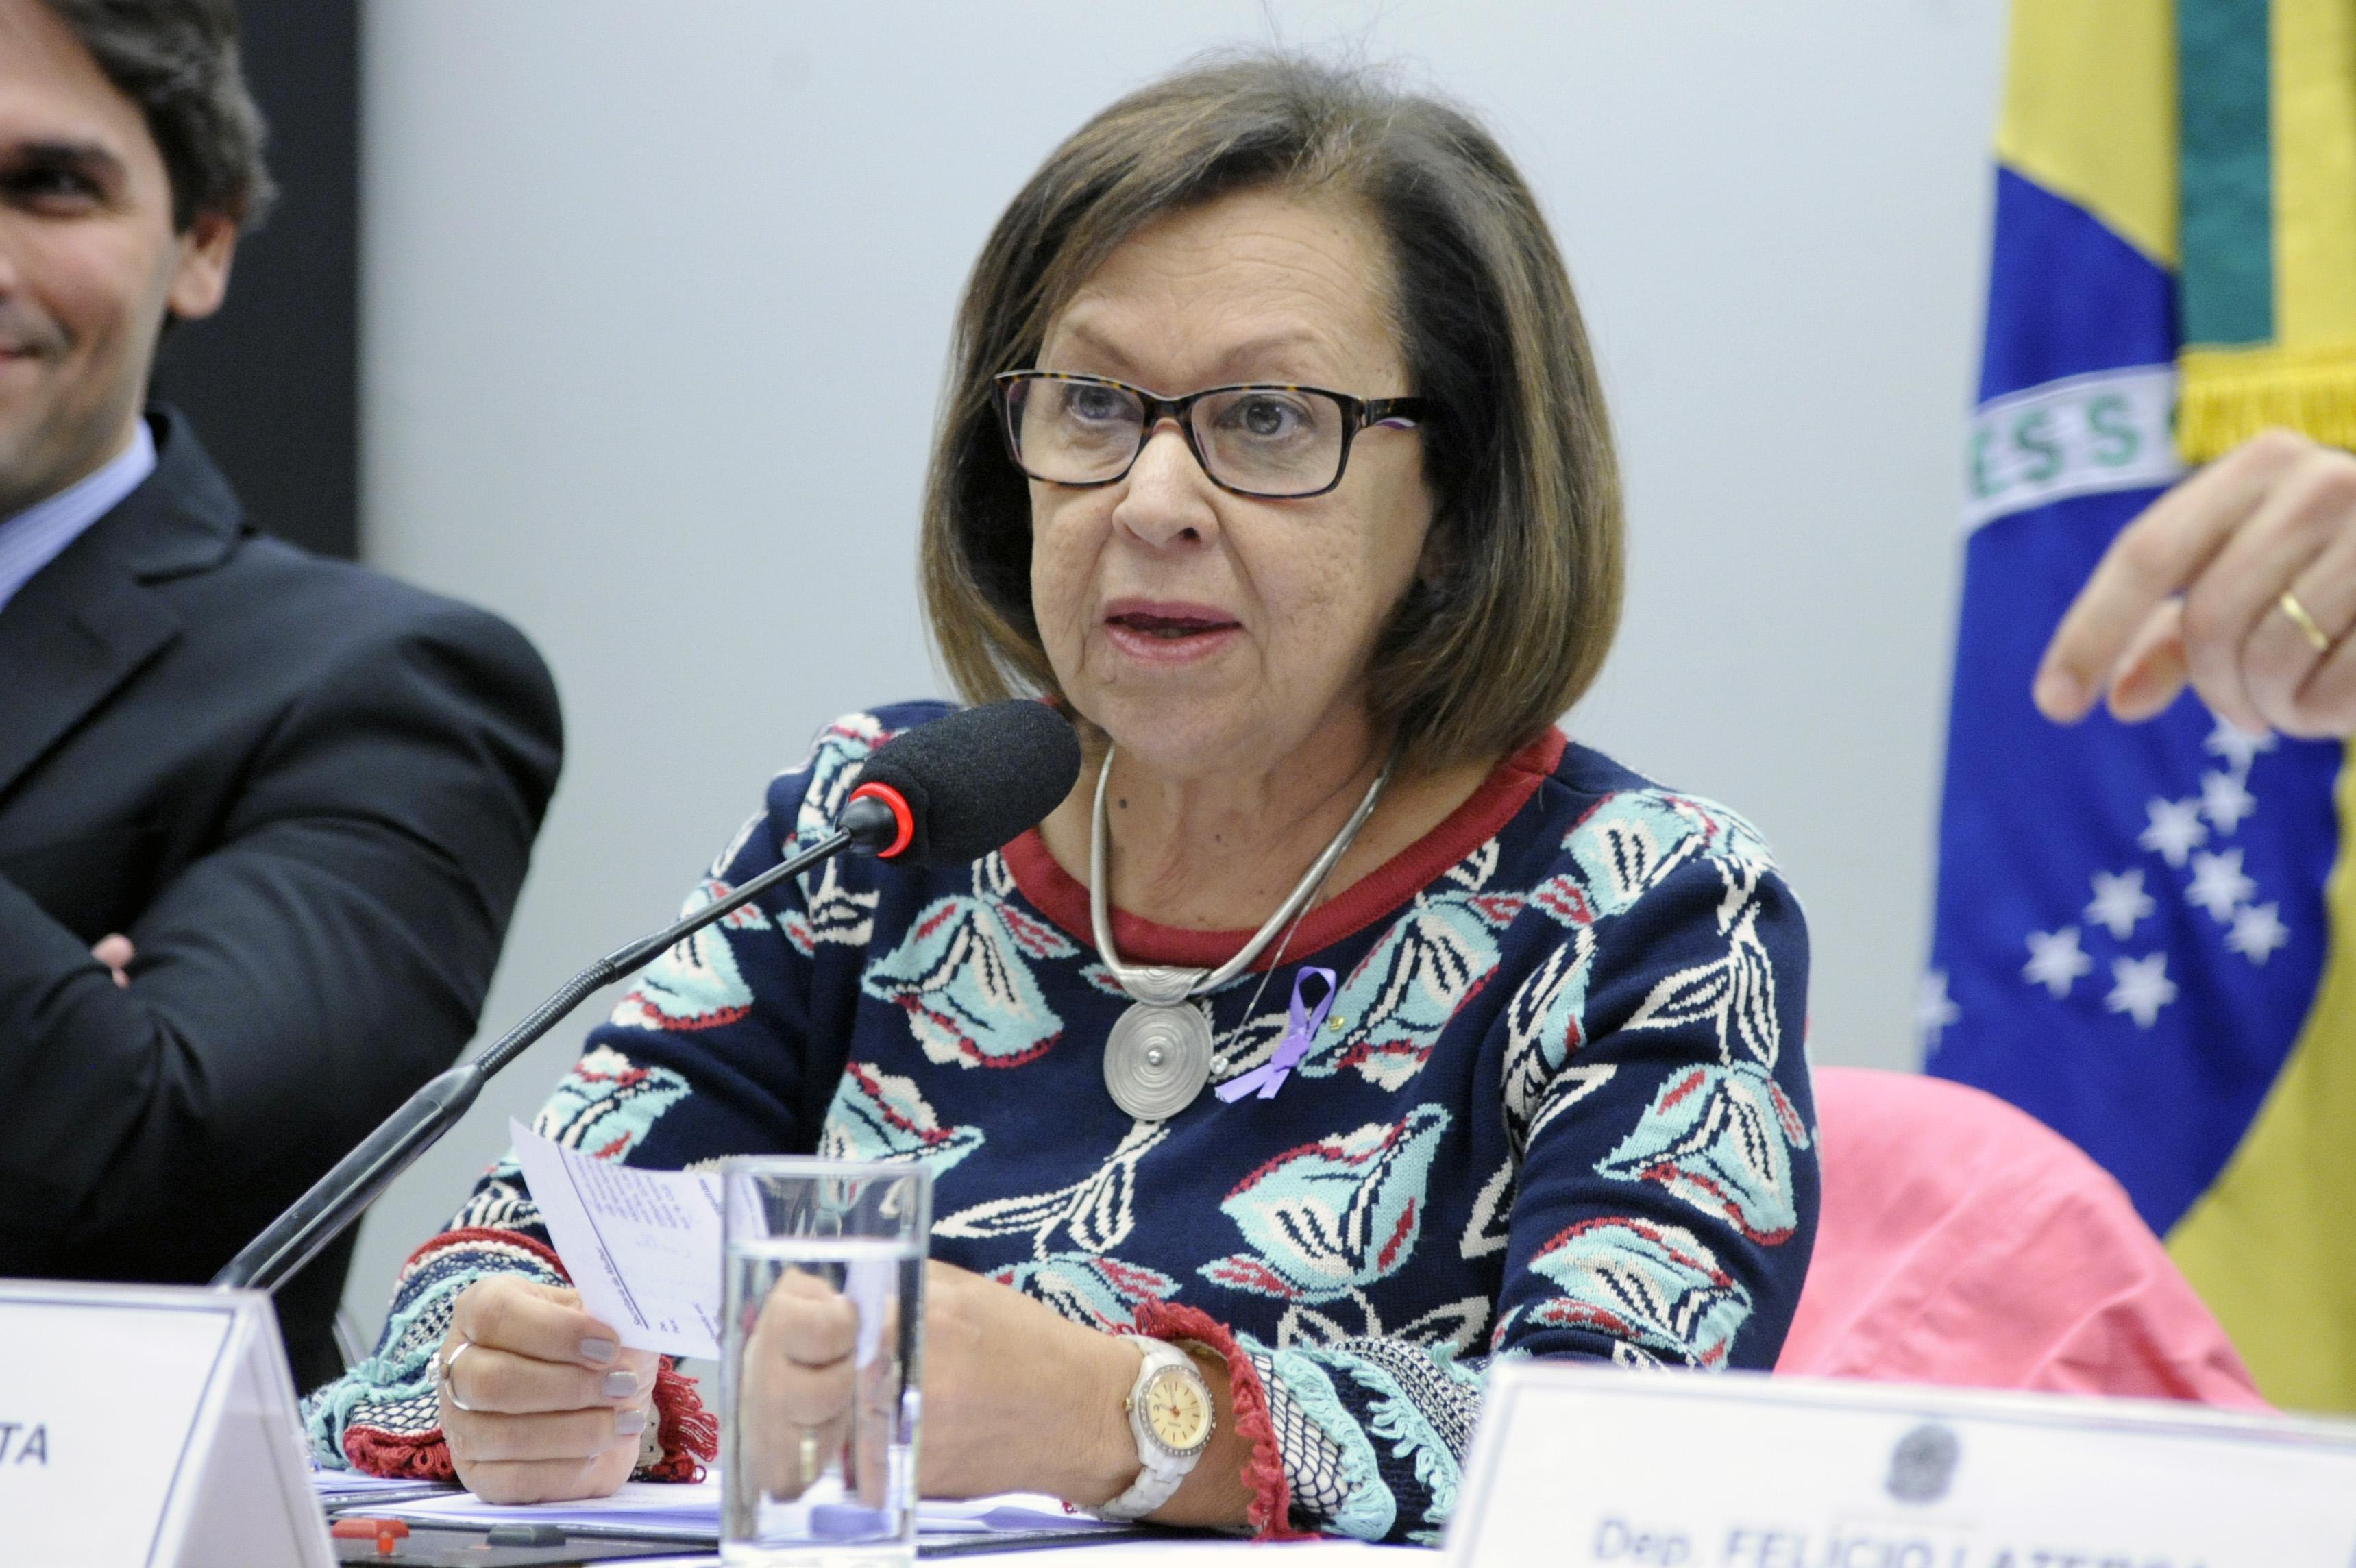 Audiência pública sobre o abuso na oferta e concessão de empréstimos consignados para aposentados e beneficiários do INSS. Dep. Lídice da Mata (PSB-BA)